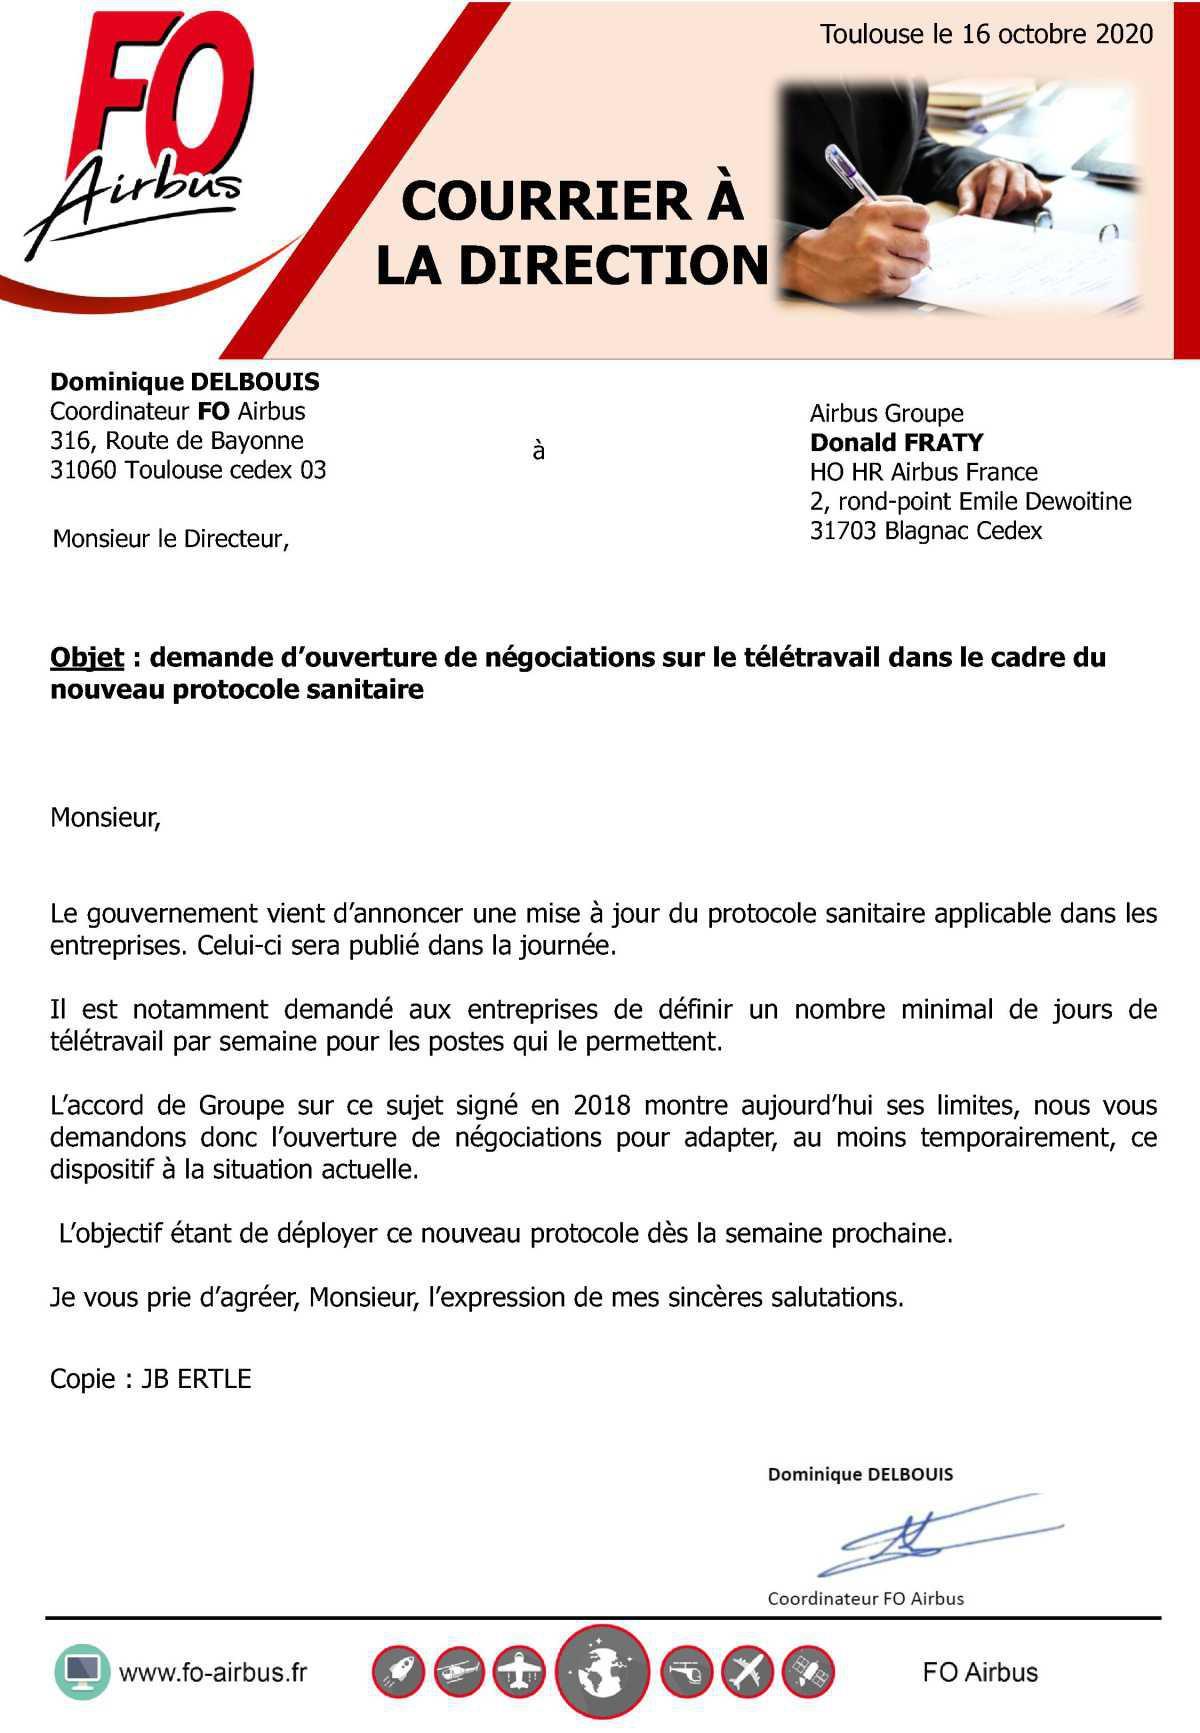 Nouveau protocole sanitaire et télétravail, courrier à la Direction